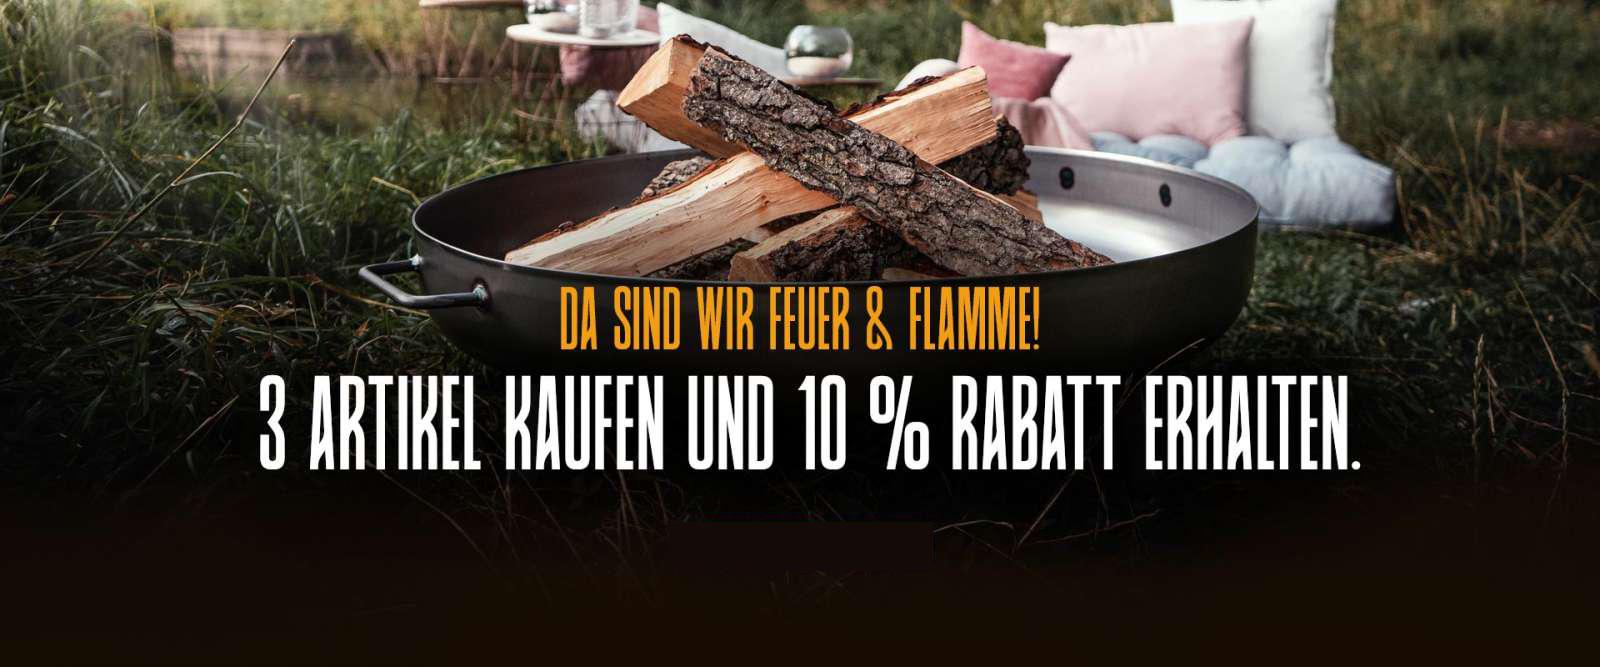 Czaja Feuerschalen-Rabatt-Aktion